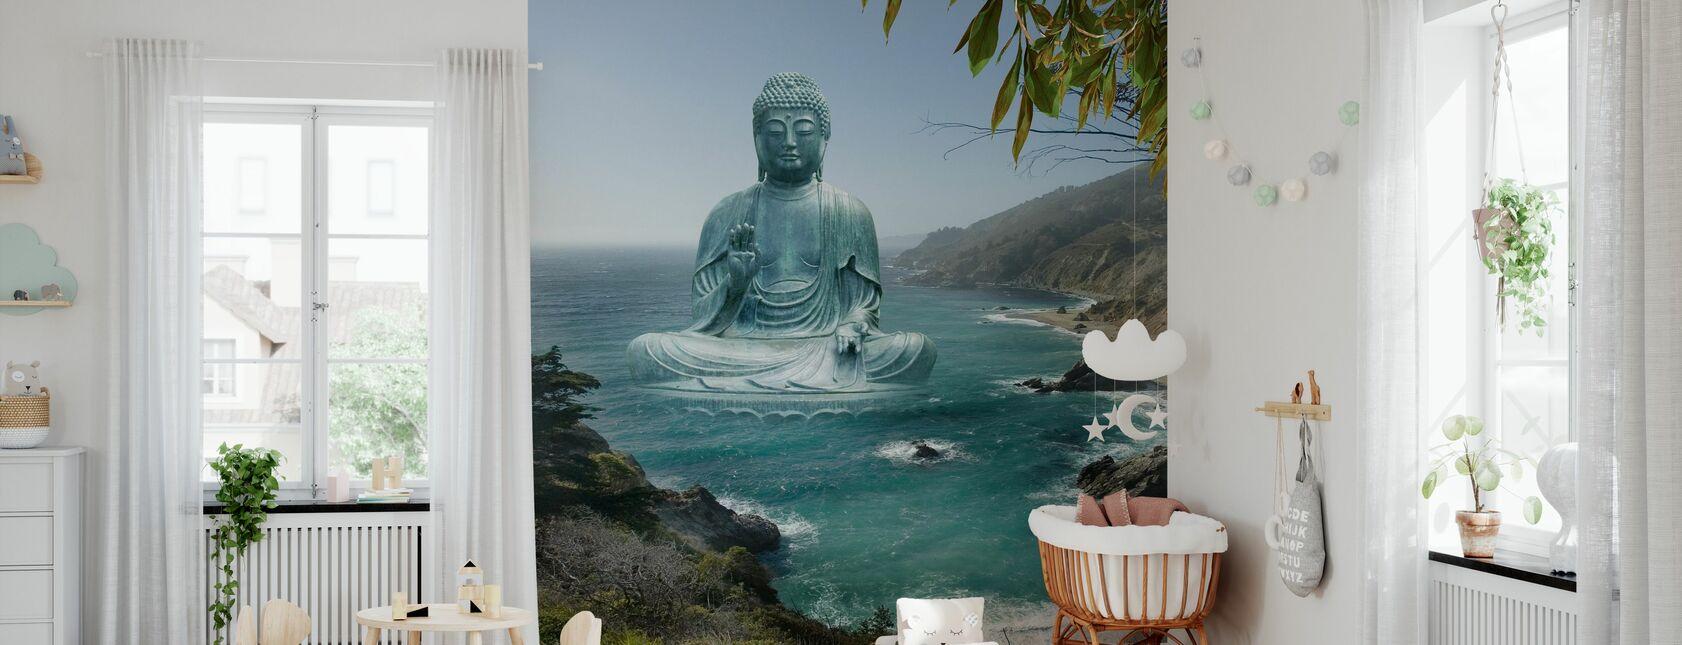 Iso Sur Tea Puutarha Buddha - Tapetti - Vauvan huone